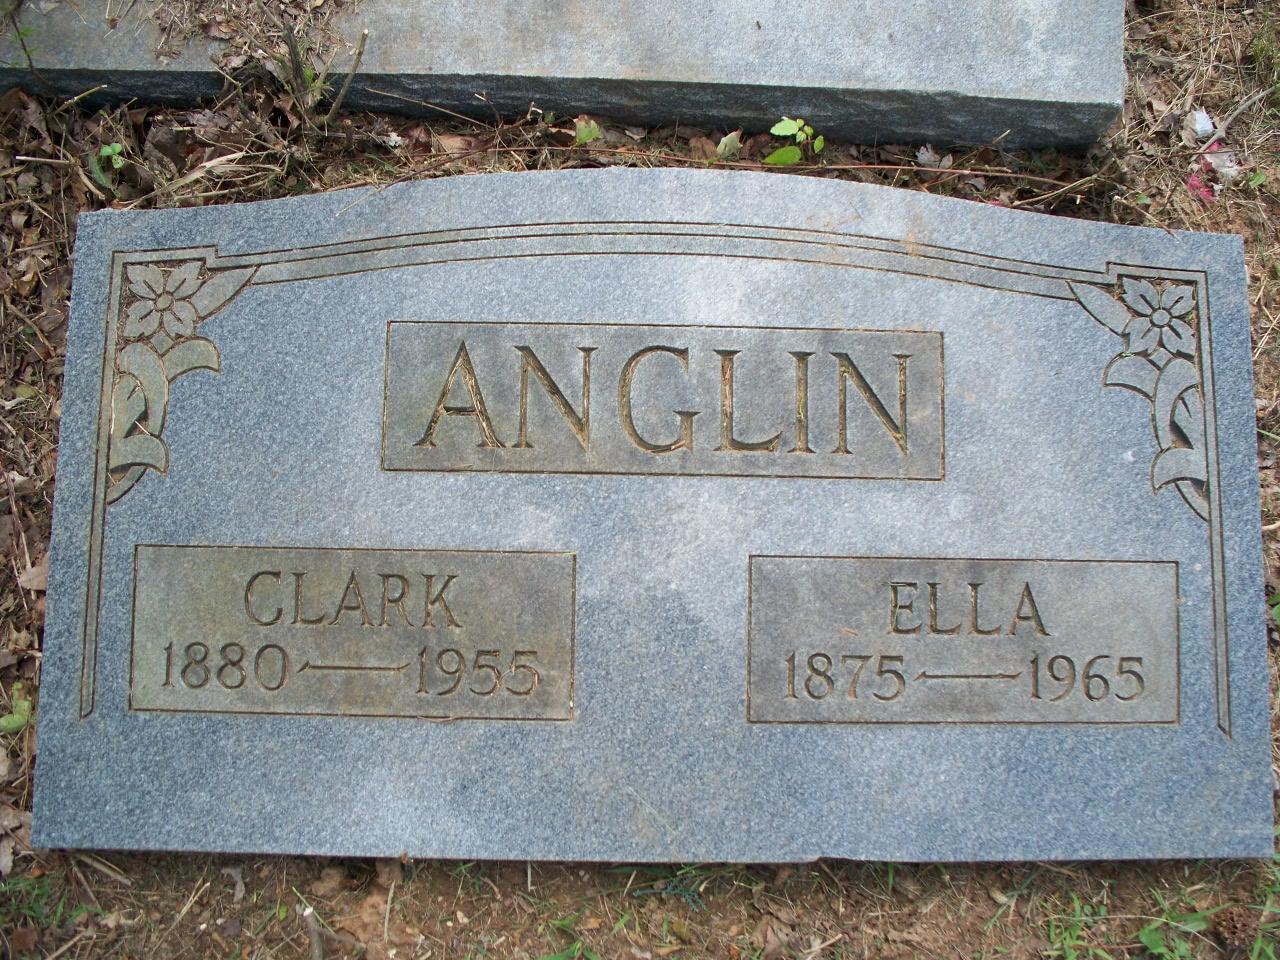 Clark Anglin